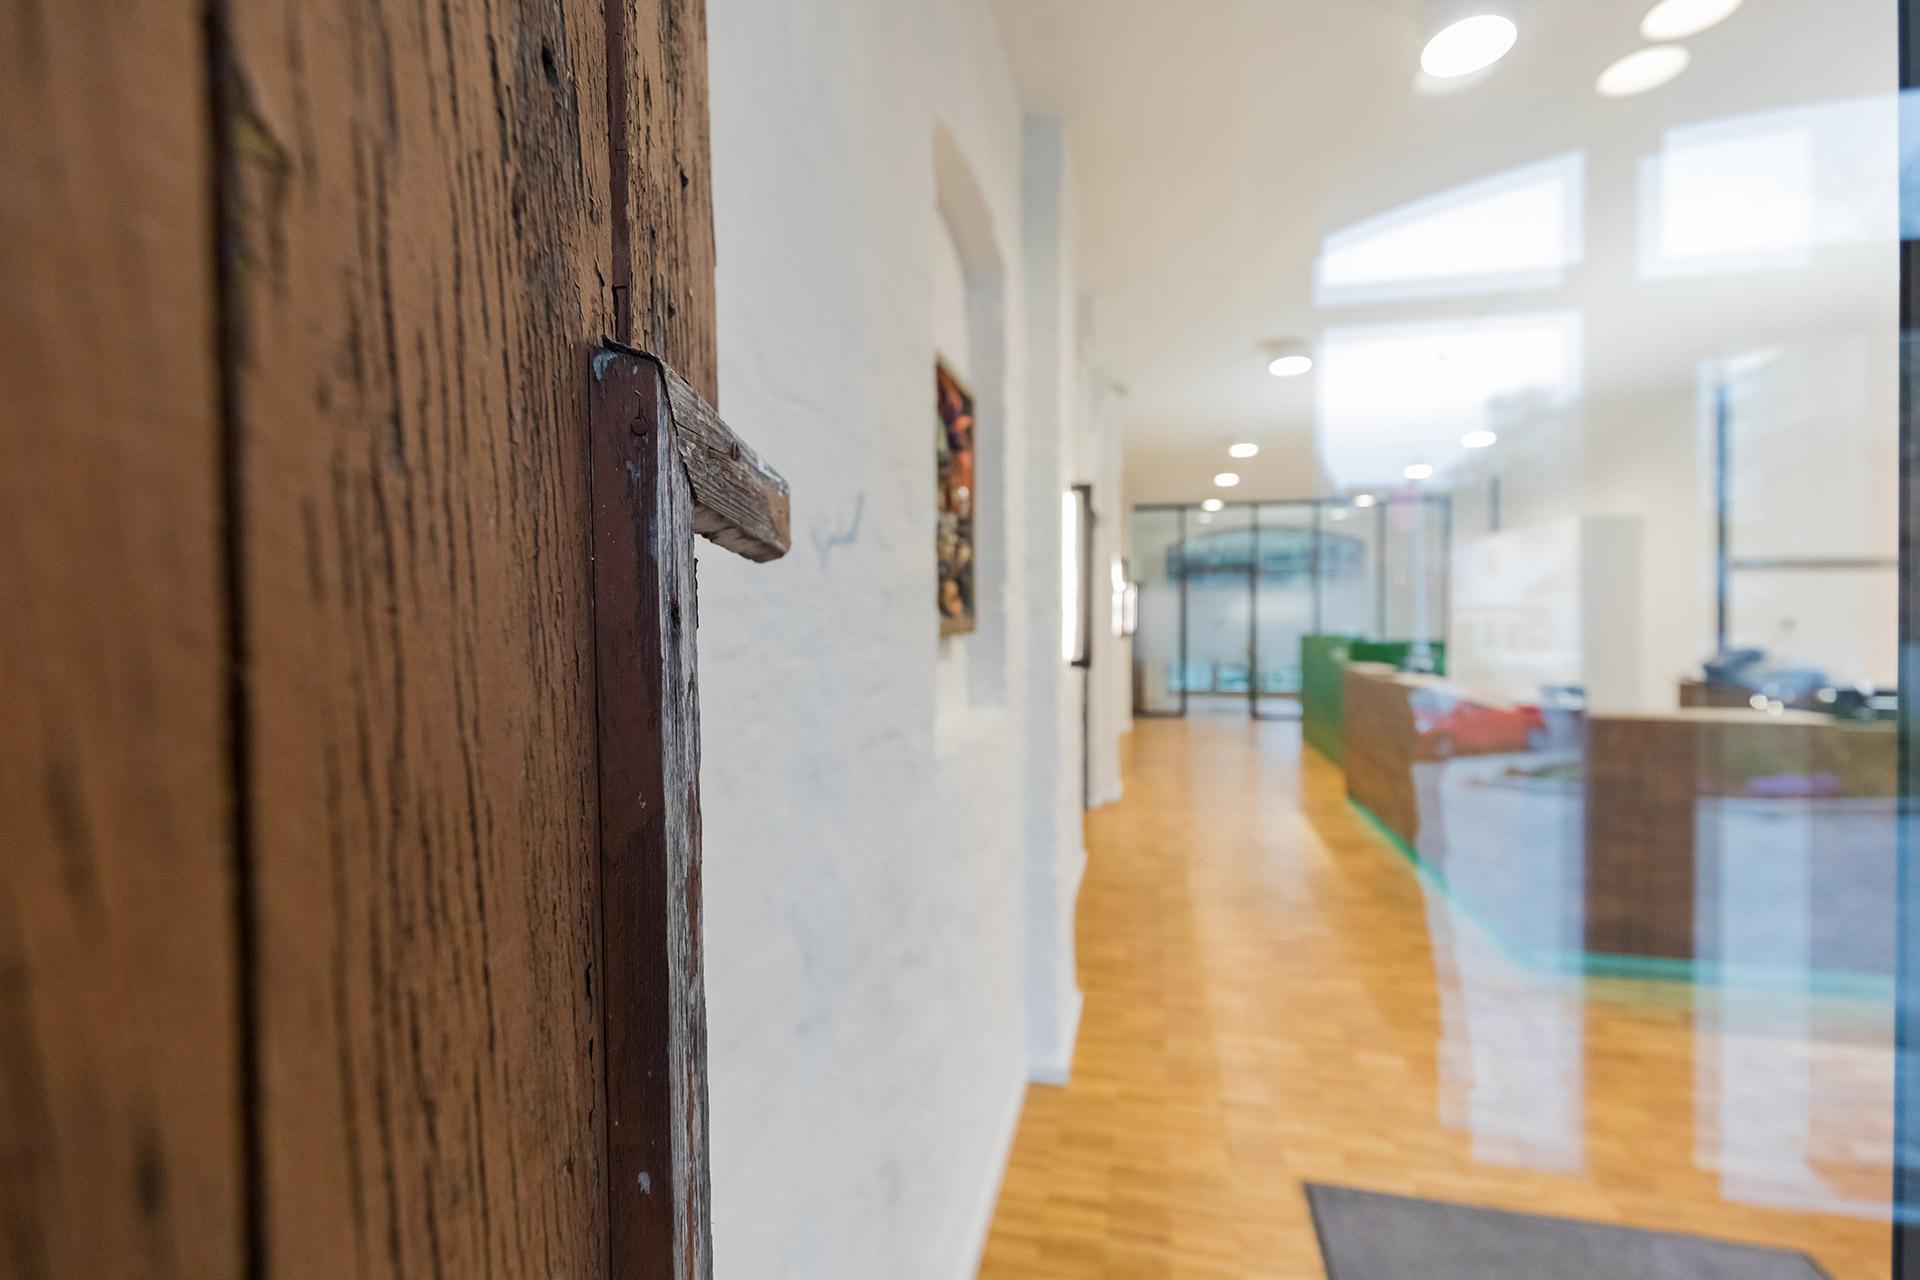 20191024_Park48_Architekten_Wulff-Thaysen_Ratzeburg_00000000059